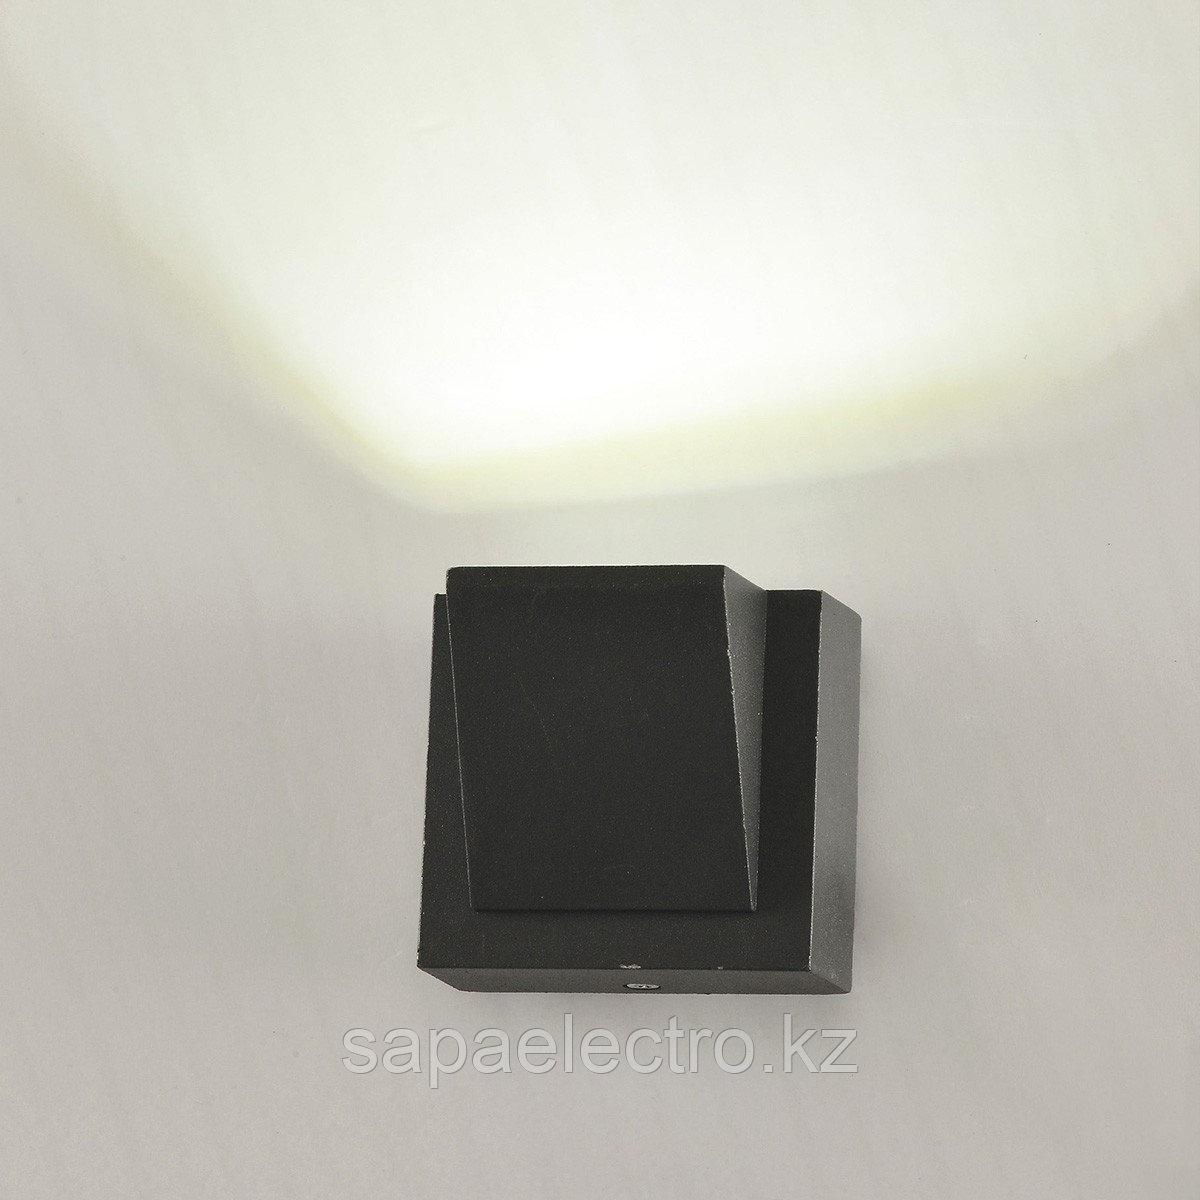 Свет-к LED B2192-1 3W GREY 5000K (TEKSAN) 40шт